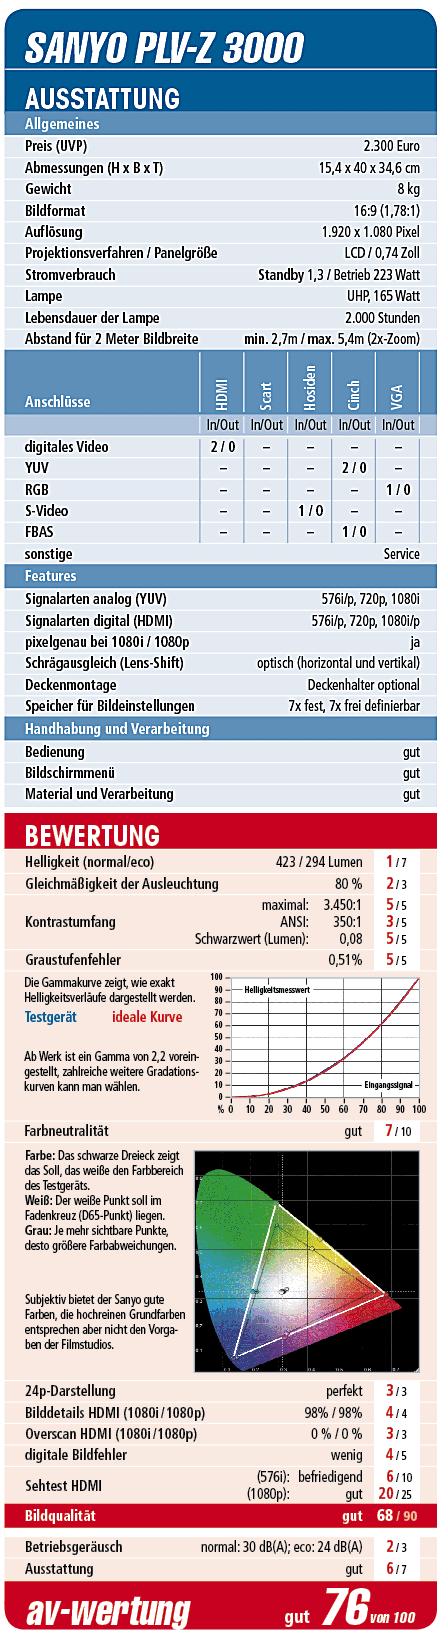 Fantastisch Ideale Drahtmutter Größentabelle Bilder - Die Besten ...